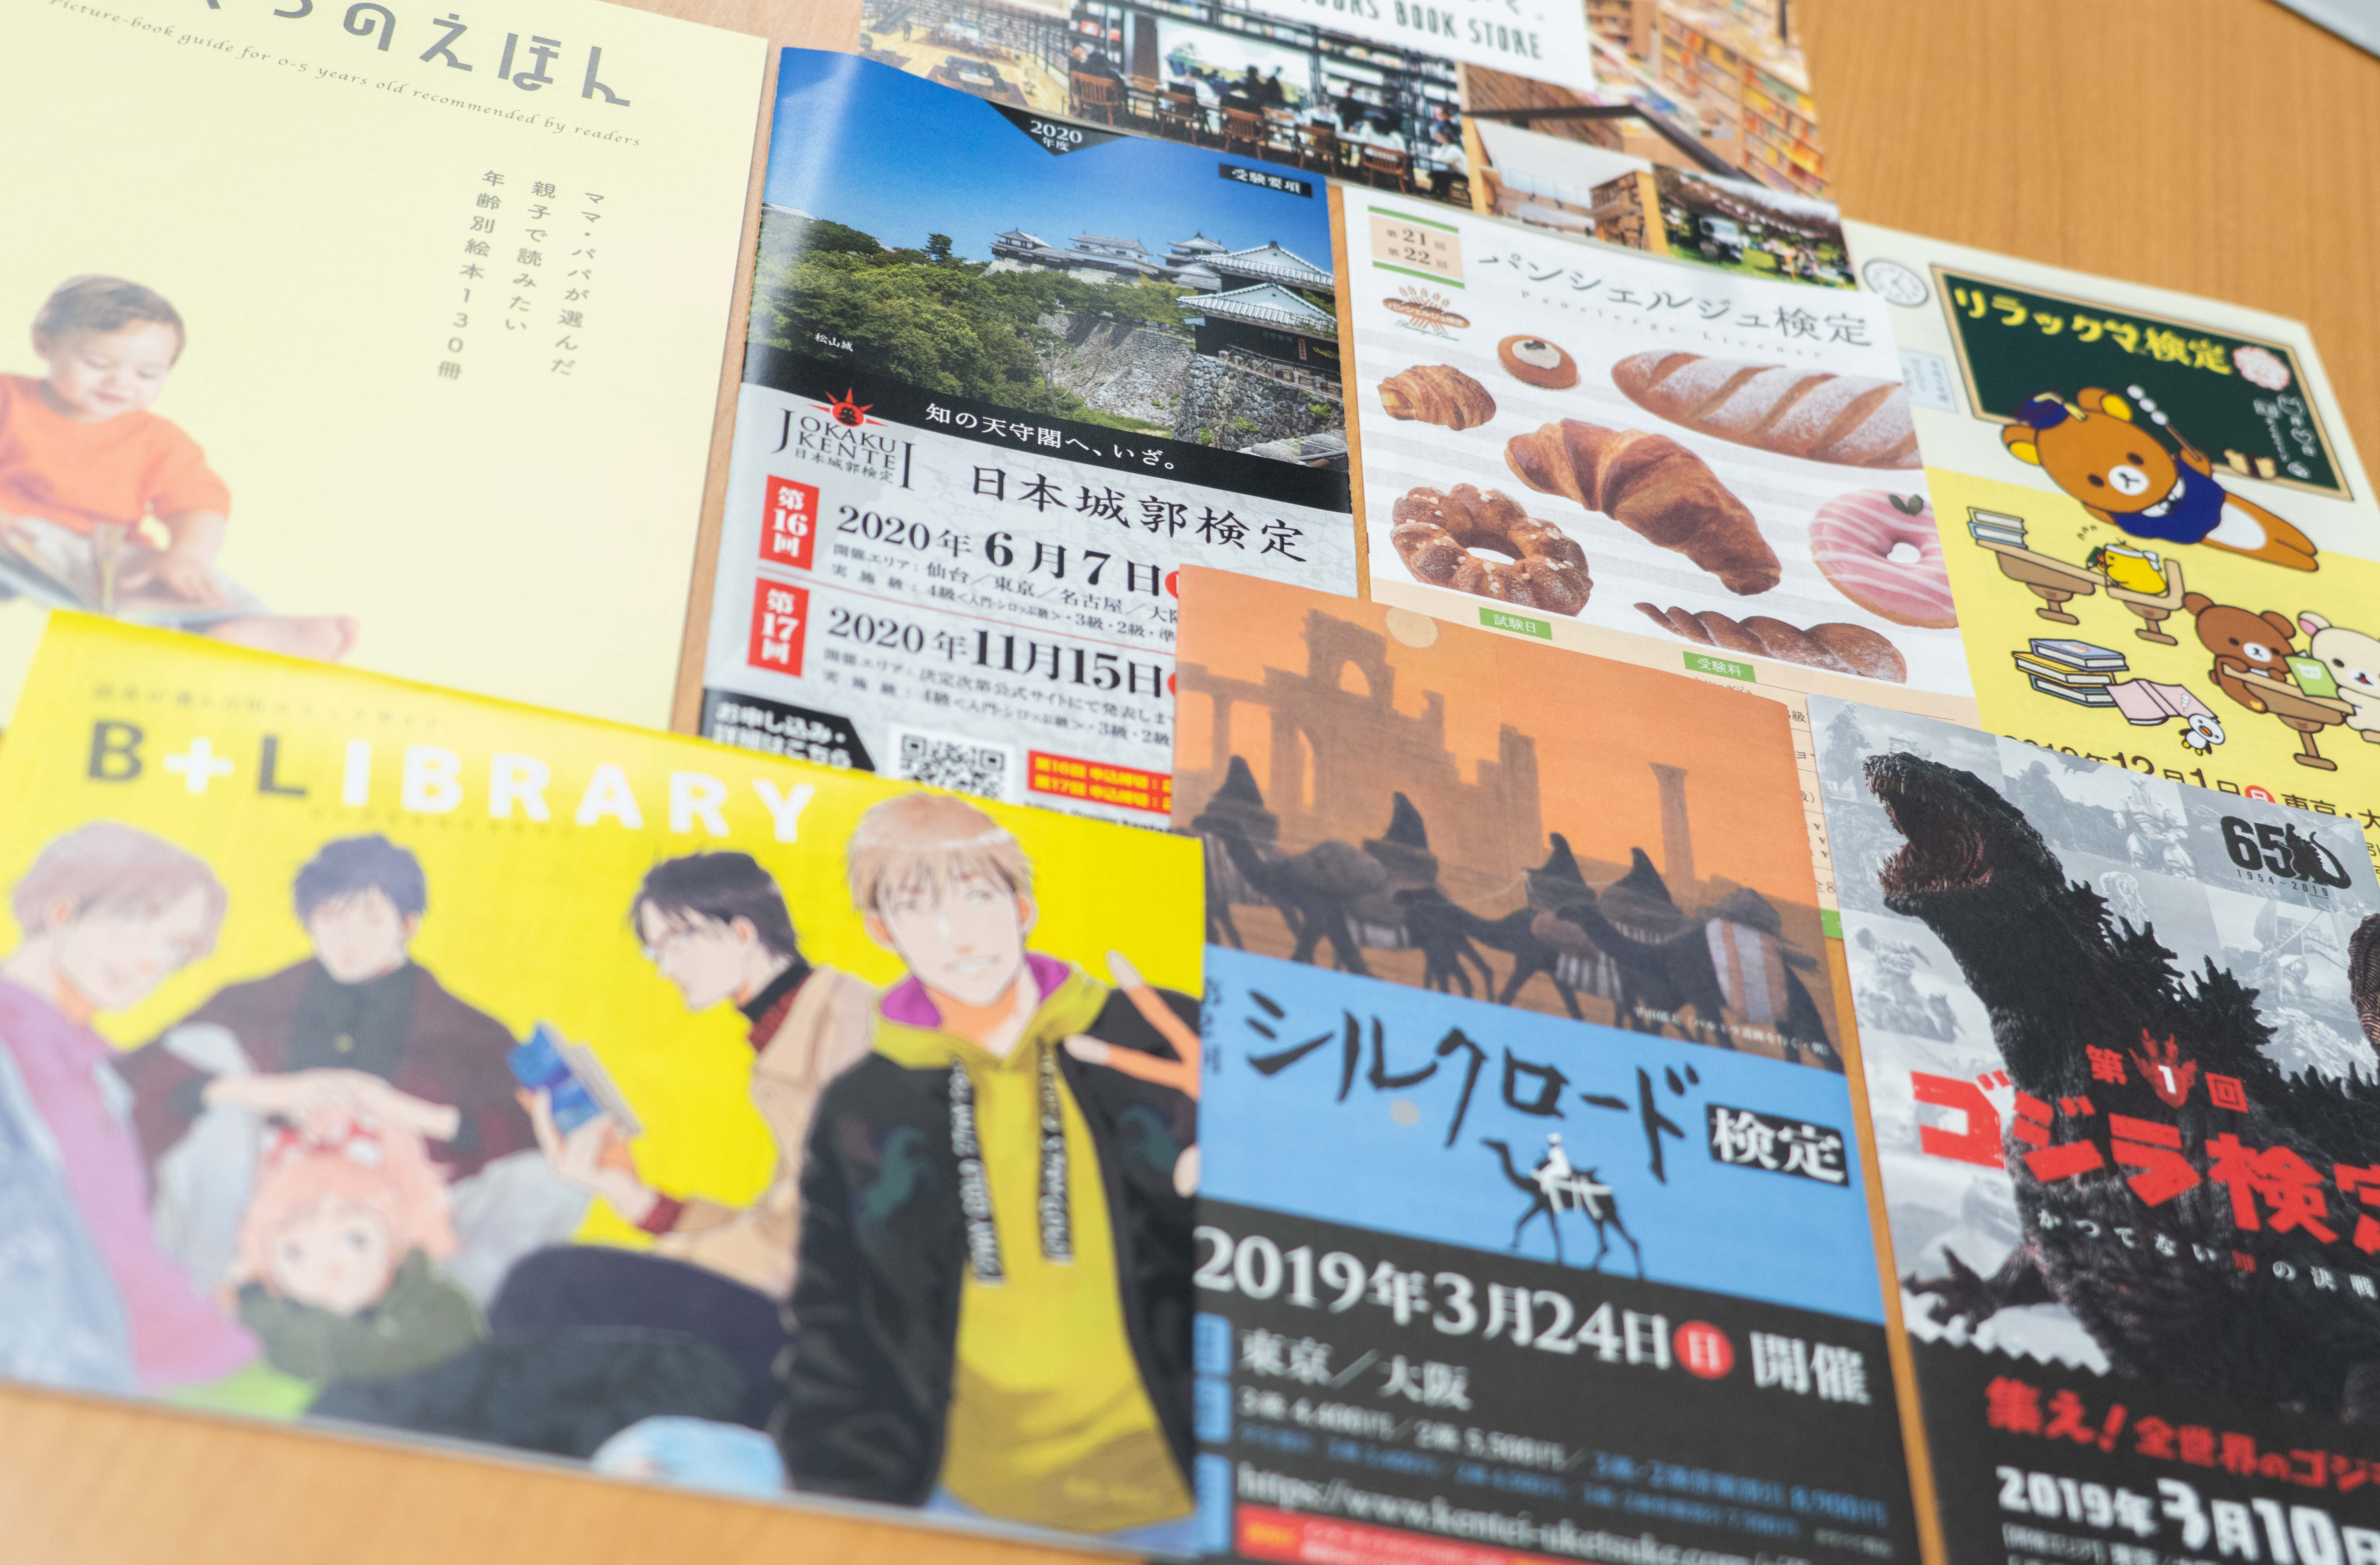 日本出版販売株式会社/一人ひとりのライフスタイルの中で豊かさをつくる